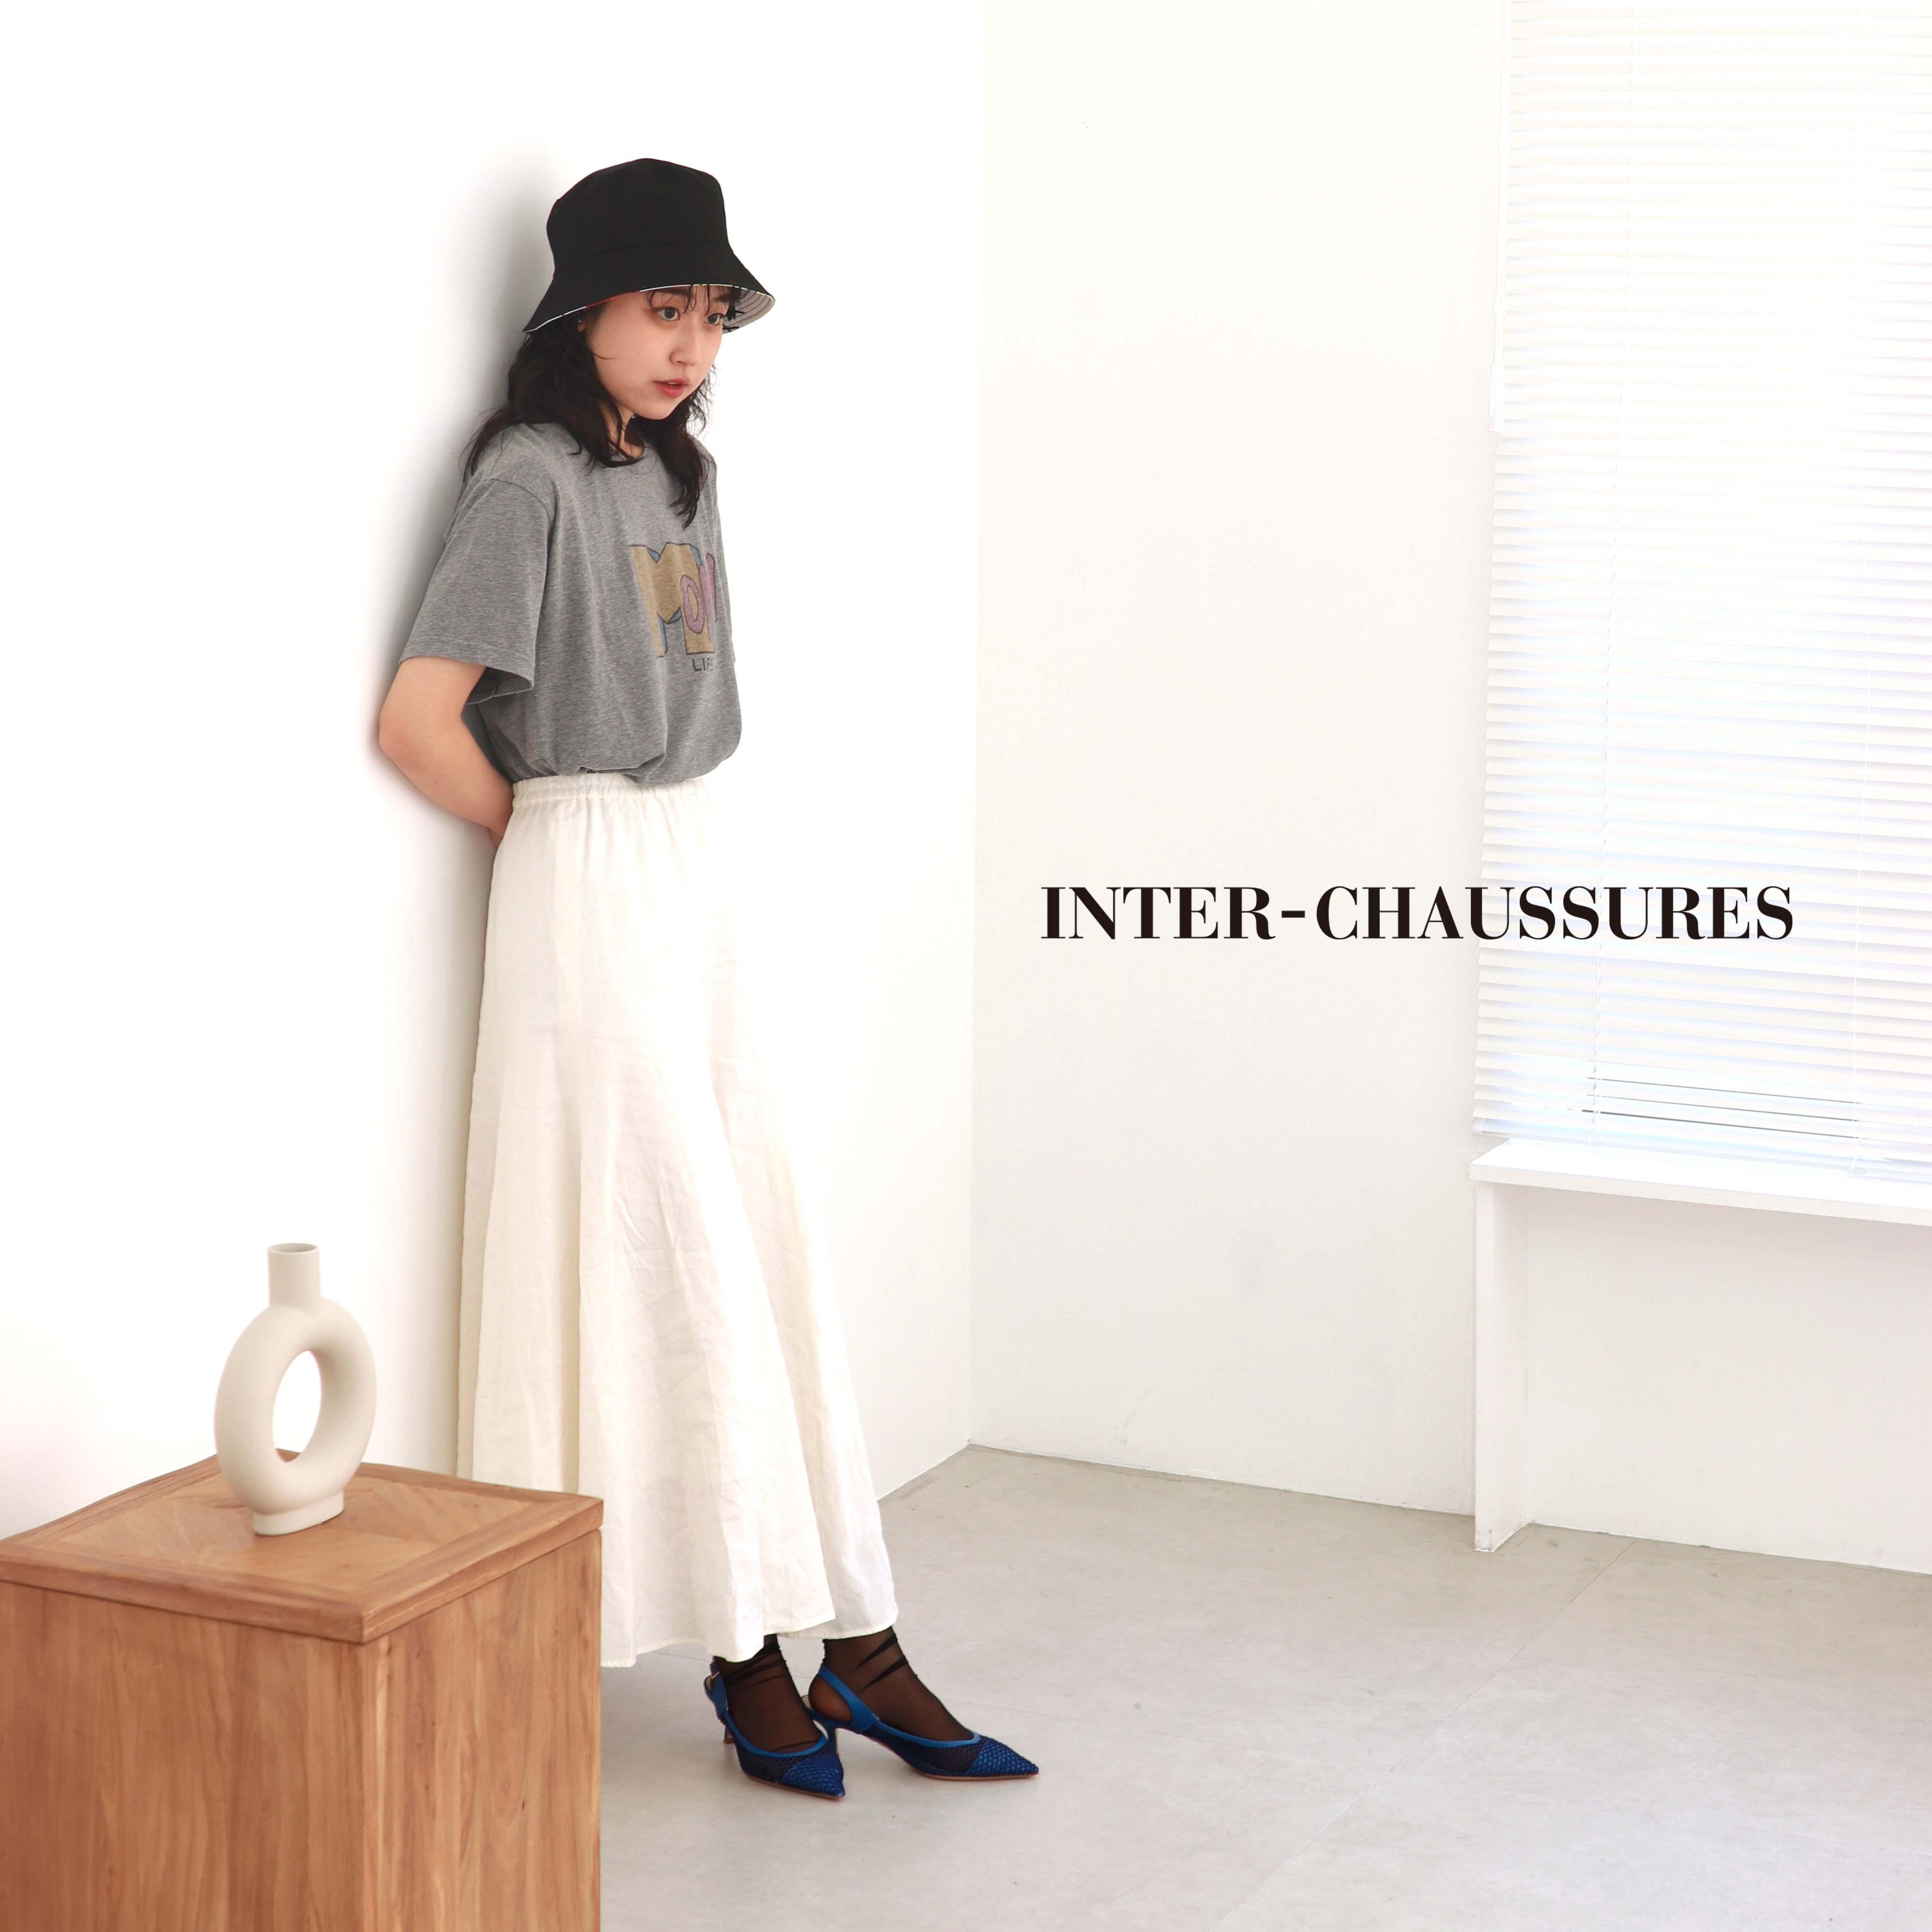 INTER-CHAUSSURES(インター ショシュール)